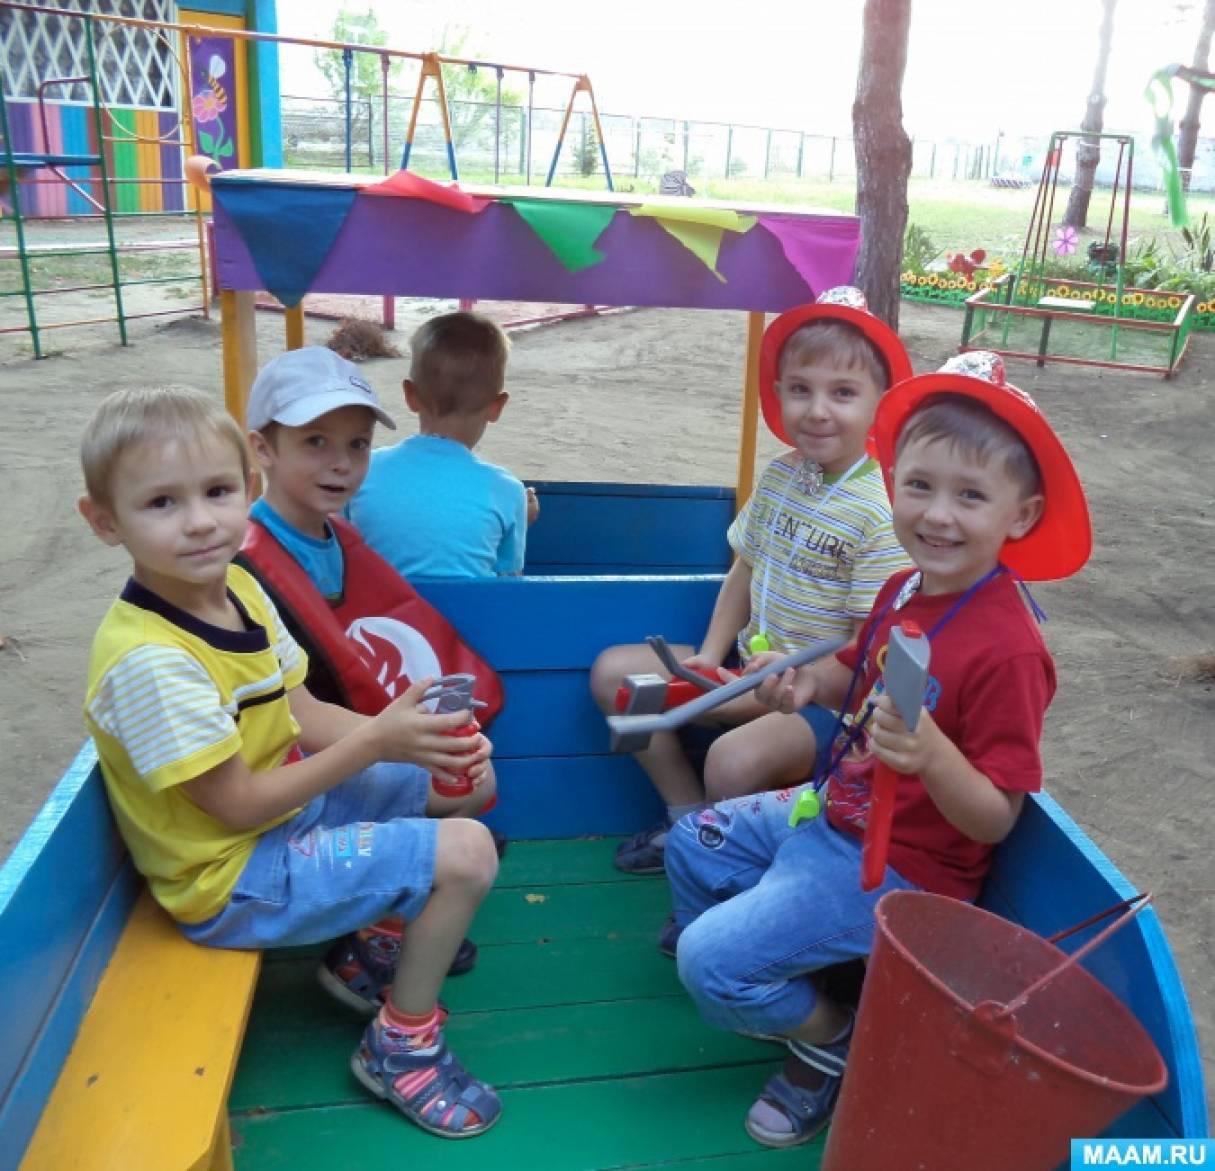 Фотоотчет о проведении Недели безопасности в детском саду